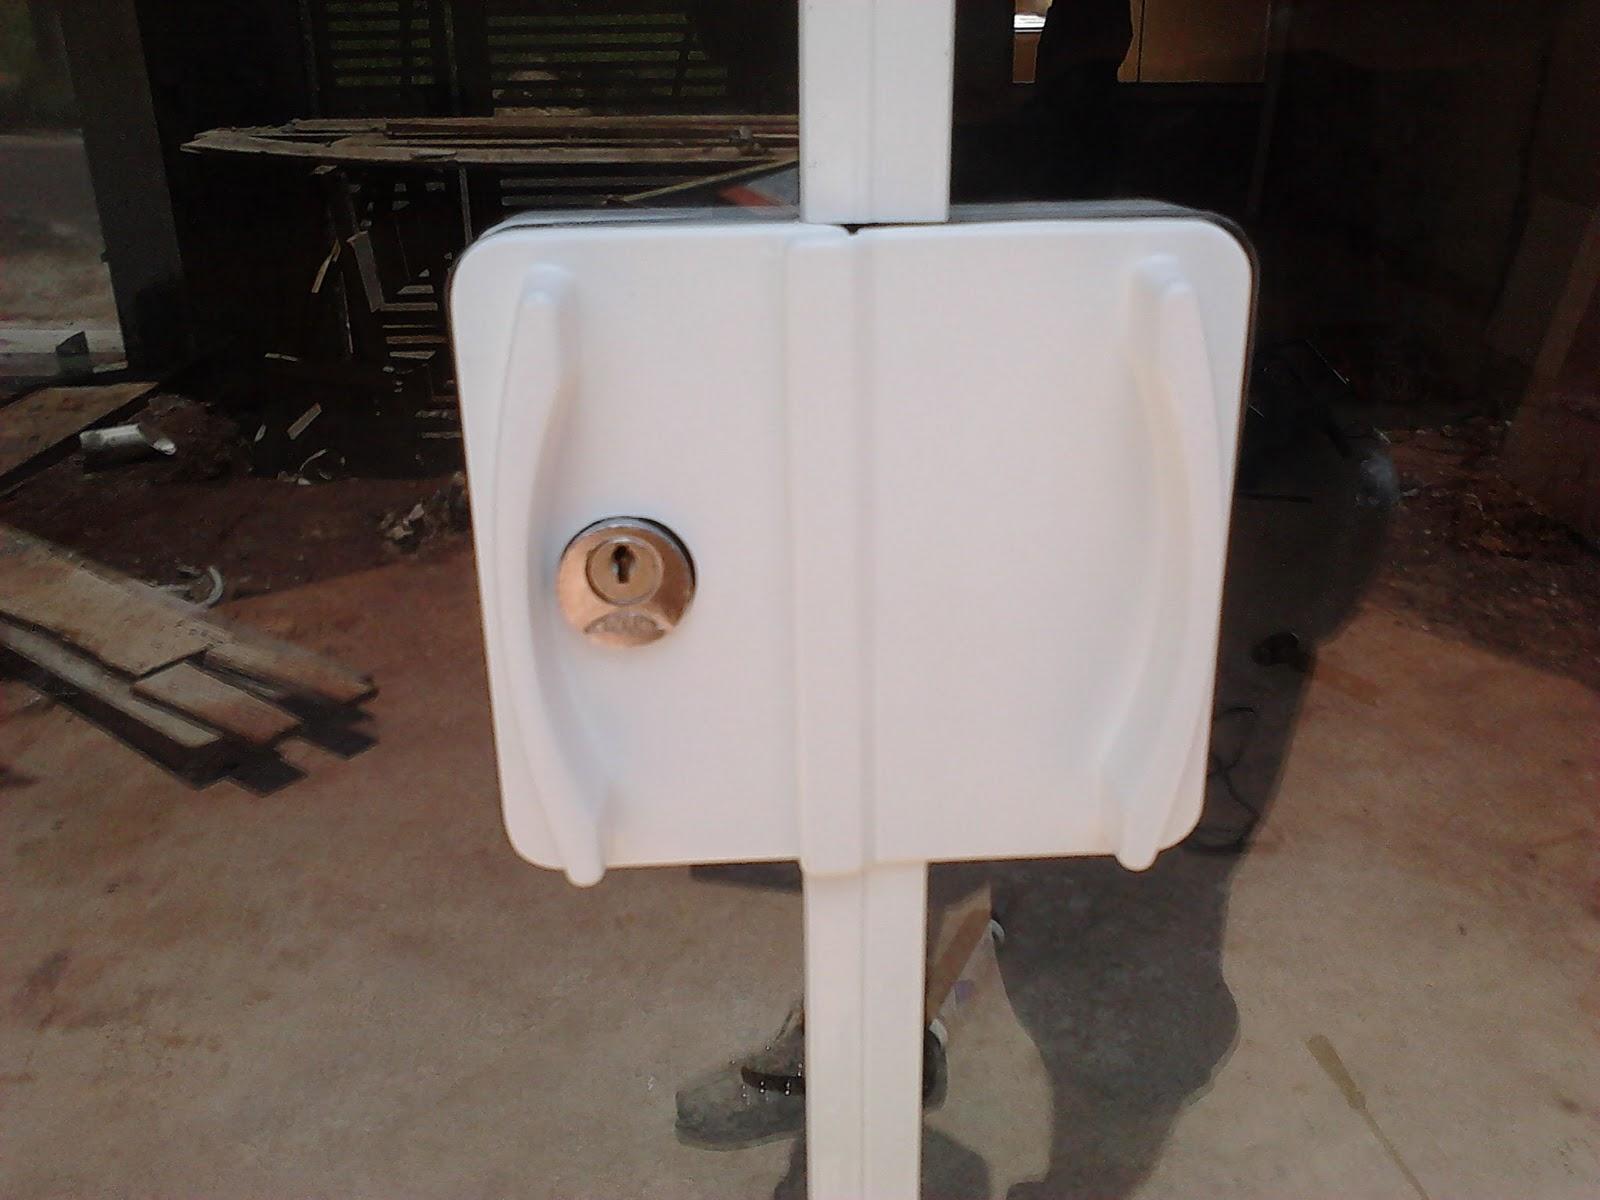 Imagens de #644939 Detalhe da Fechadura da Porta em Alumínio Branco com fechadura Arouca  1600x1200 px 2746 Box Banheiro Ourinhos